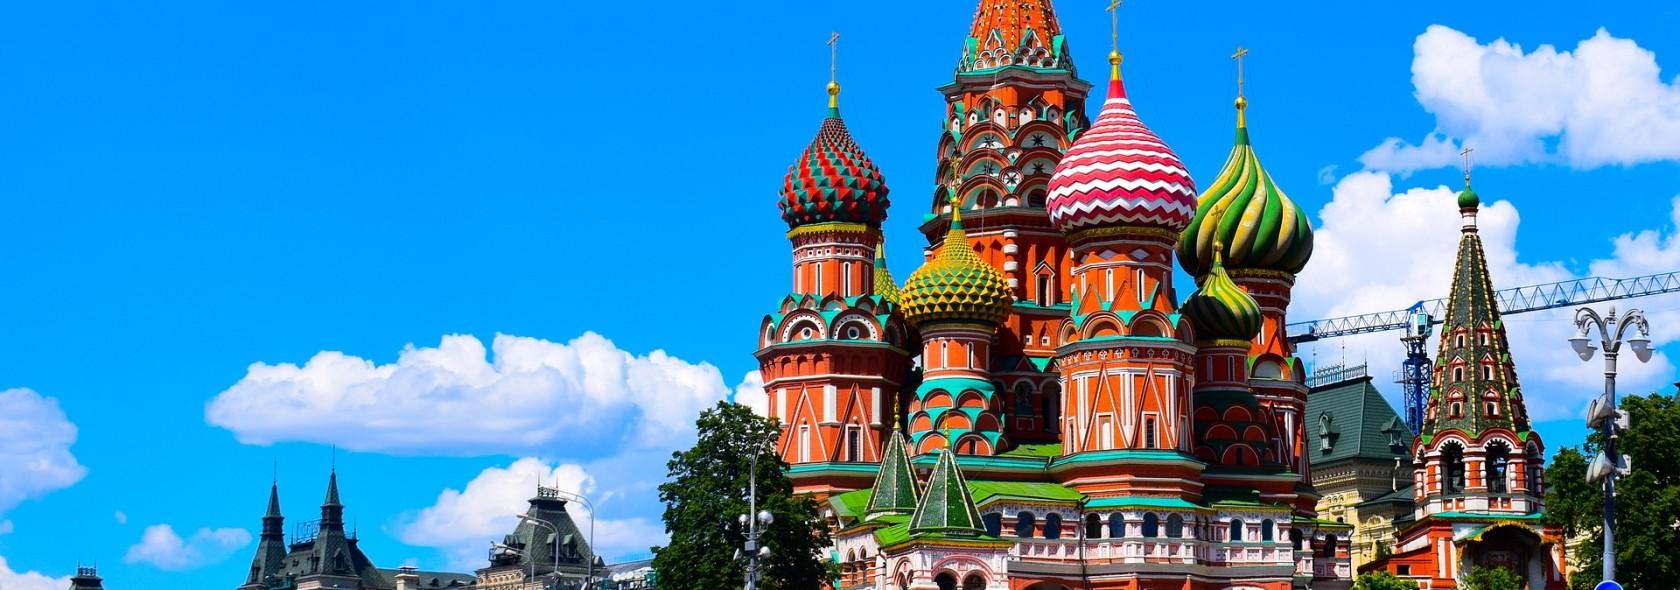 Tour San Pietroburgo e Mosca volo diretto